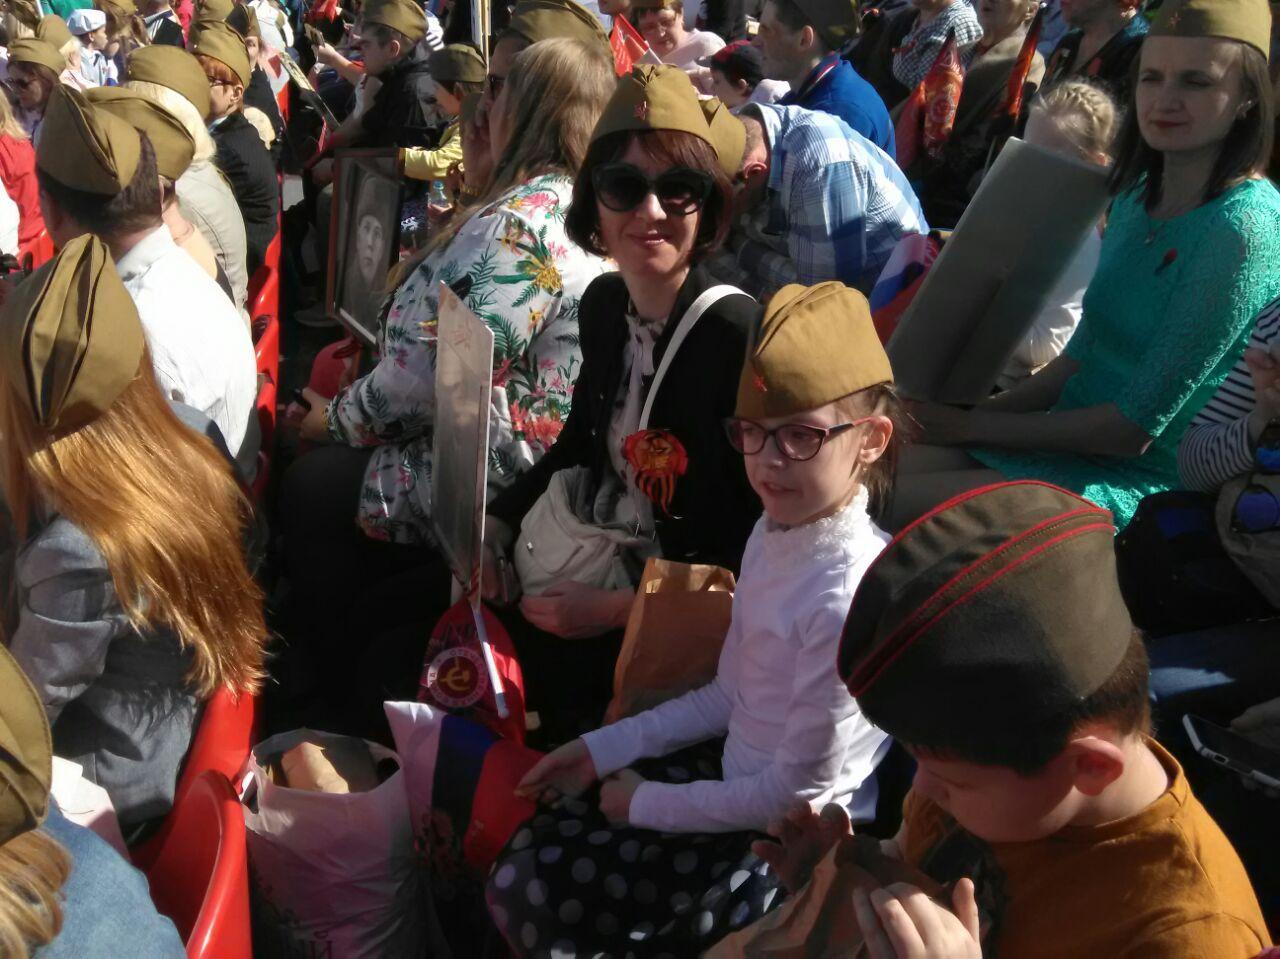 Наши уважаемые ветераны педагогического труда смогли посмотреть шествие «Бессмертный полк» стрибун наКрасной площади.